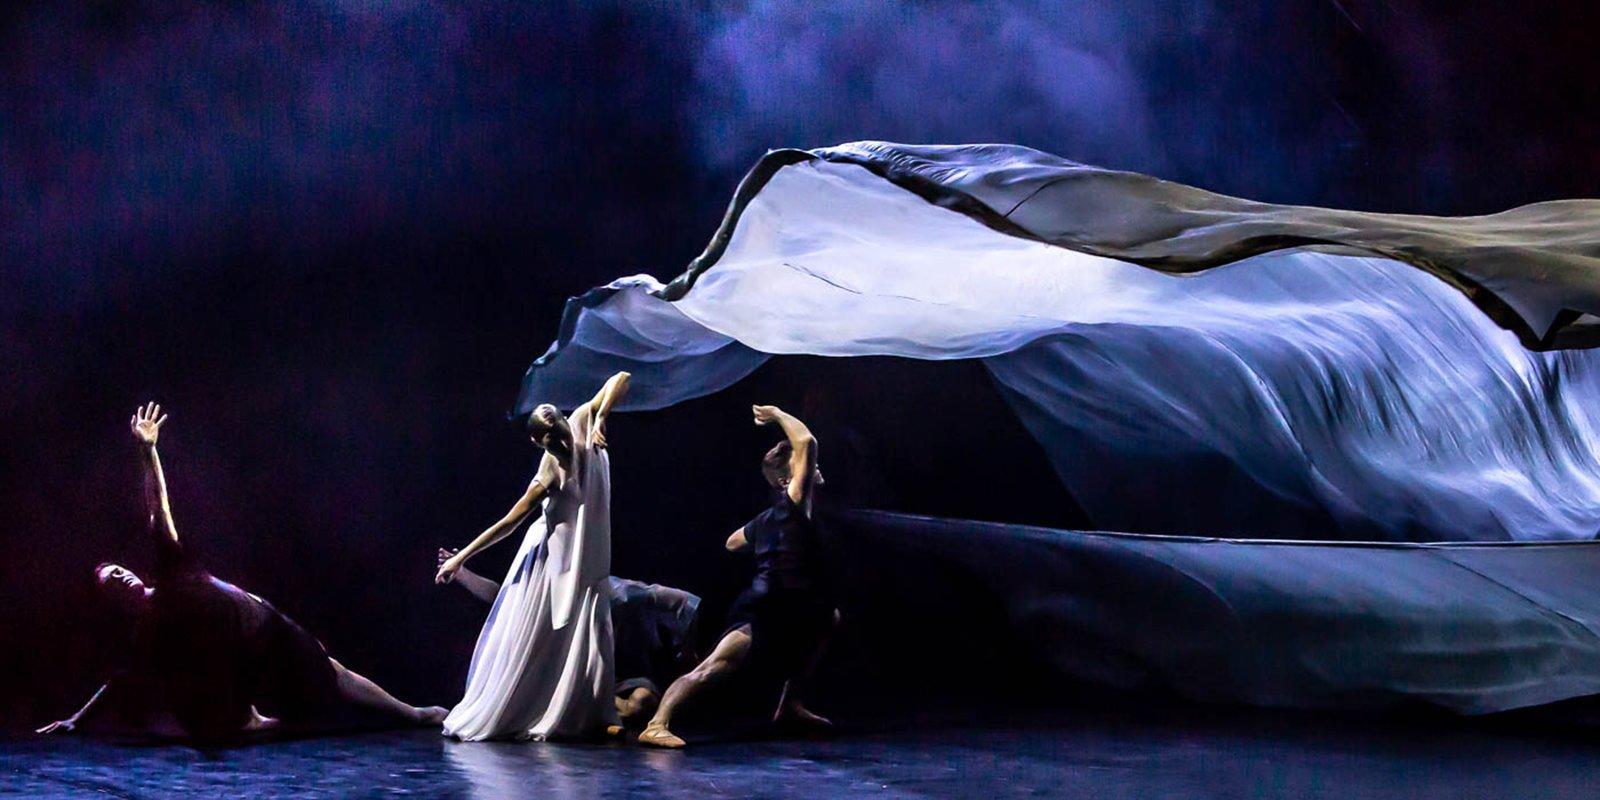 #Москвастобой: к онлайн-проекту присоединились театр «Балет Москва» и другие площадки